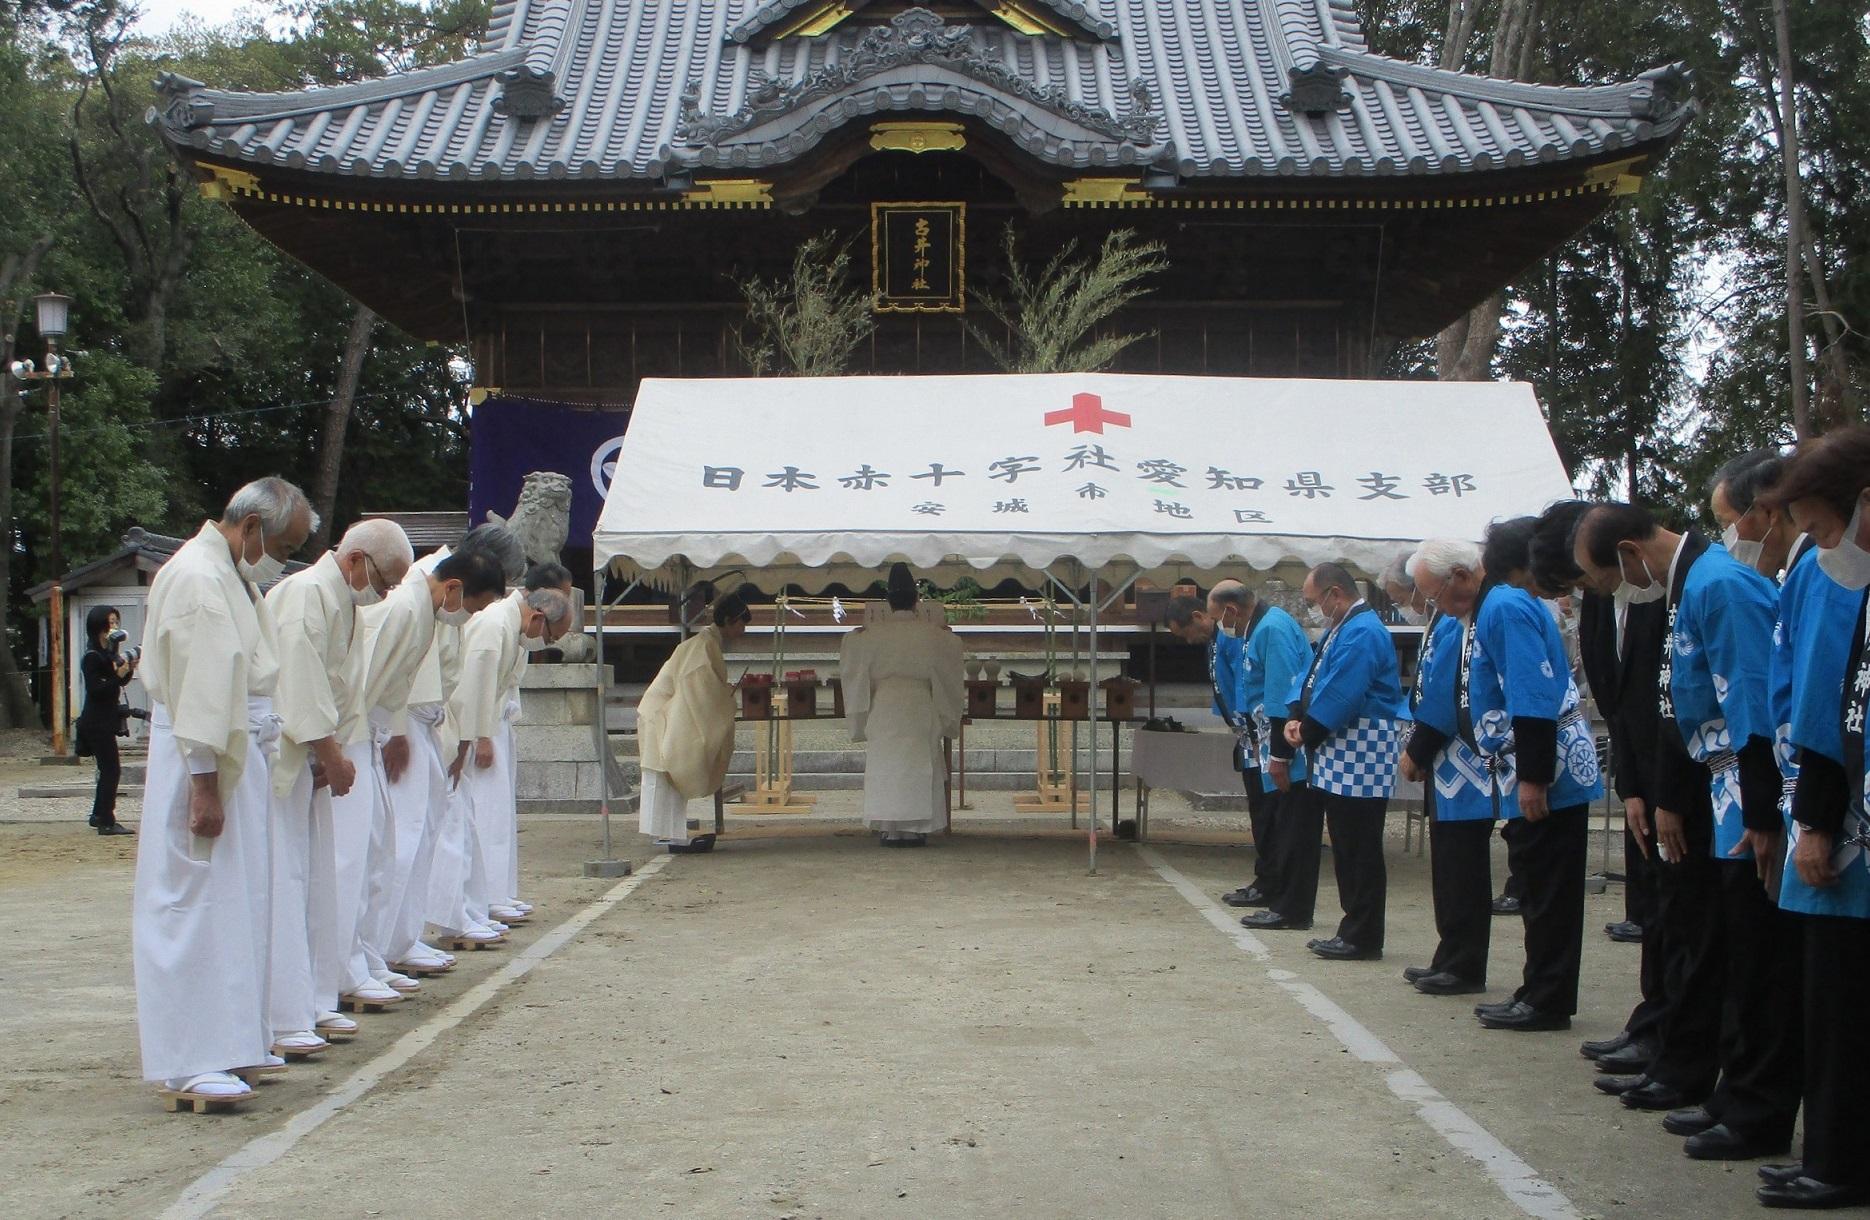 2020.3.28 (8) 古井神社きよはらい - かしこみかしこみ 1870-1220